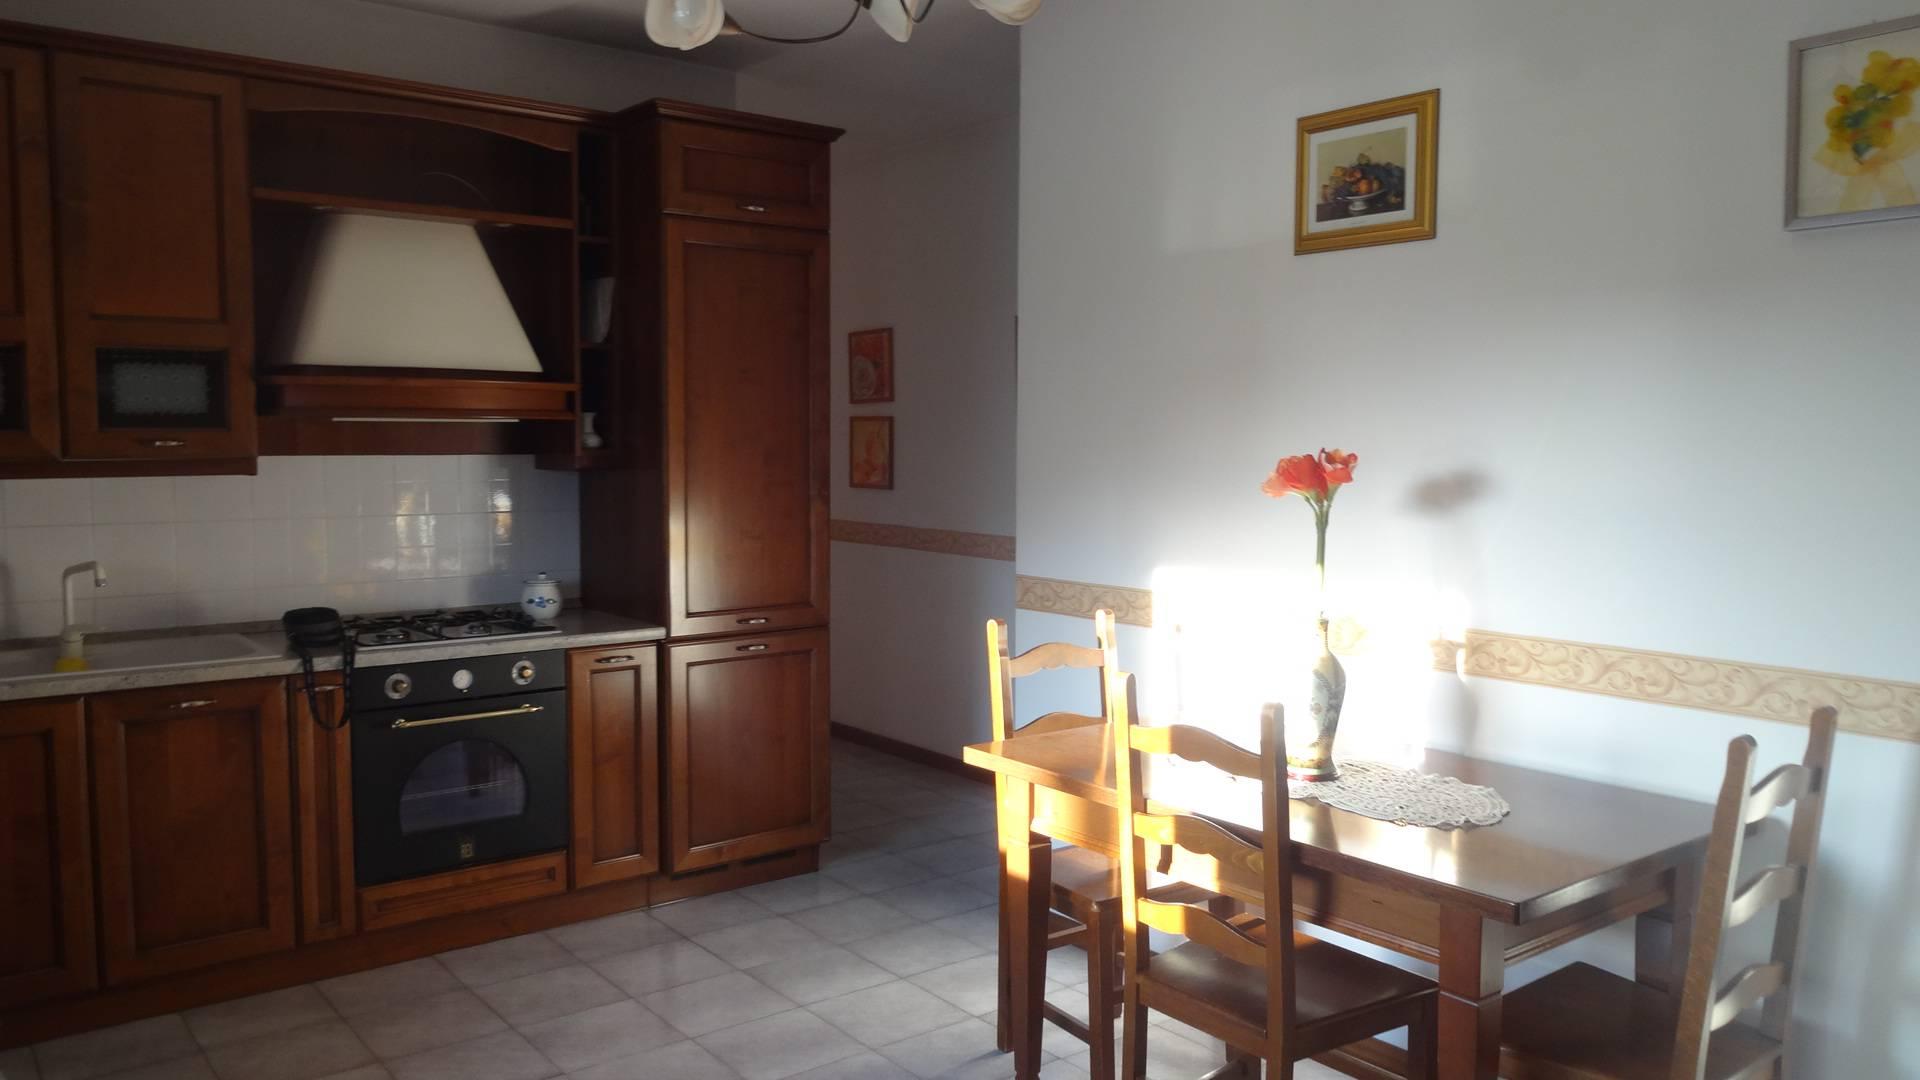 Appartamento in vendita a Trevignano, 3 locali, zona Zona: Signoressa, prezzo € 70.000   Cambio Casa.it